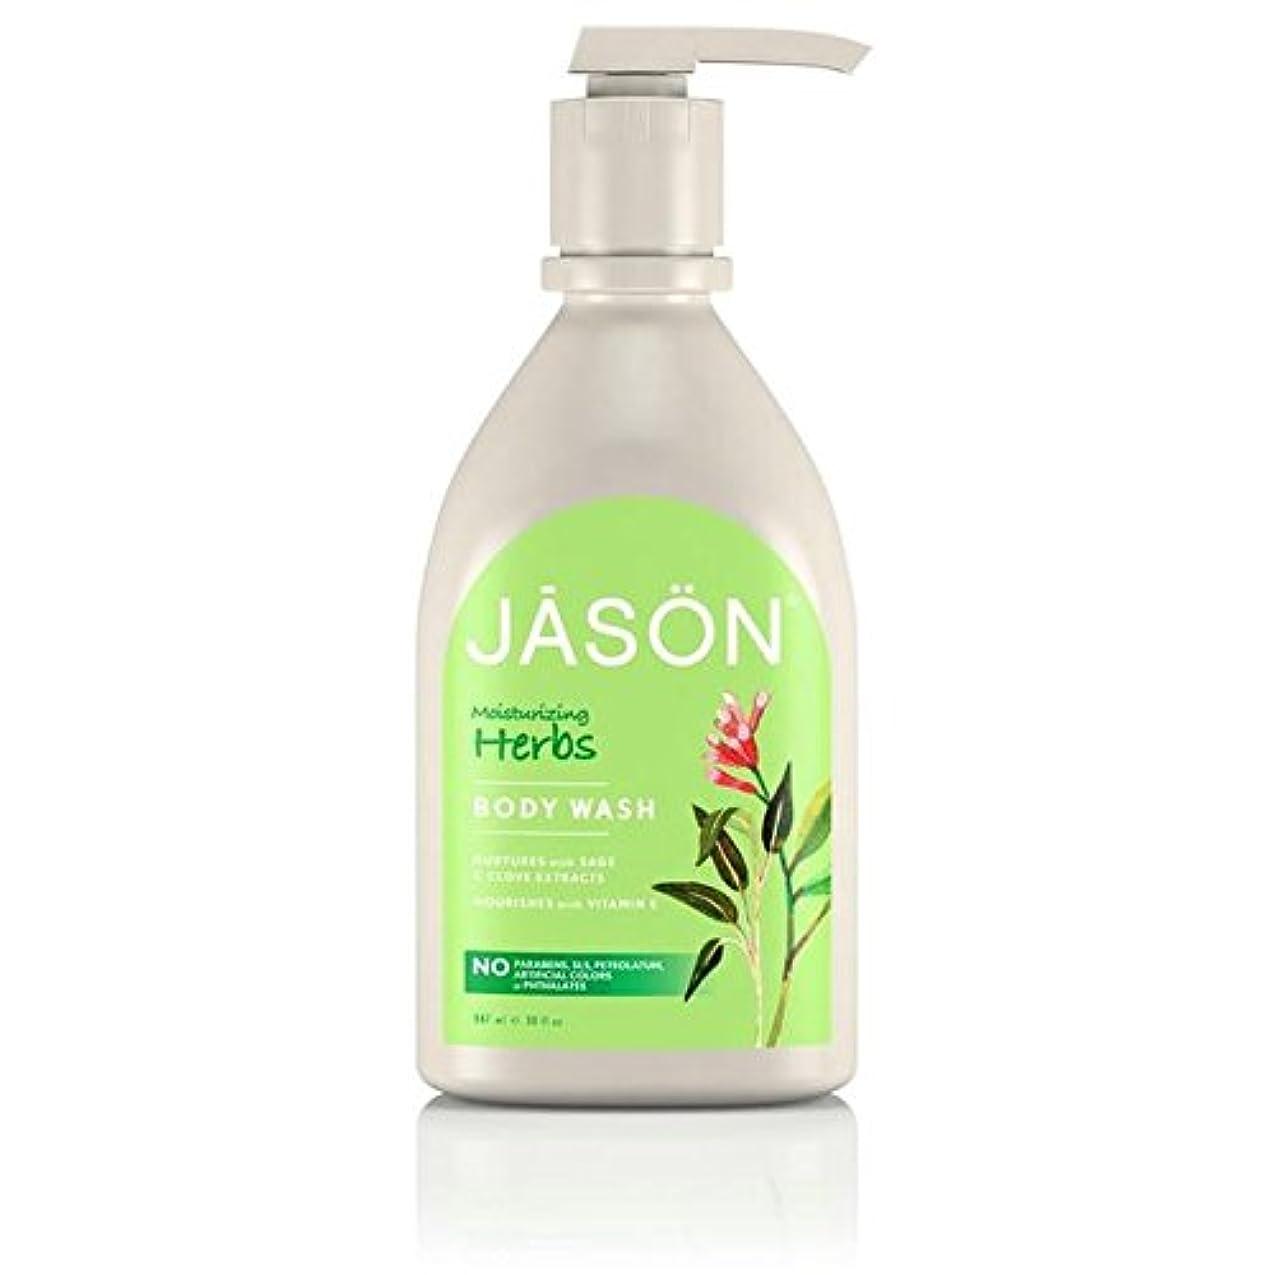 加害者促進する対話Jason Herbal Satin Body Wash Pump 900ml (Pack of 6) - ジェイソン?ハーブサテンボディウォッシュポンプ900ミリリットル x6 [並行輸入品]